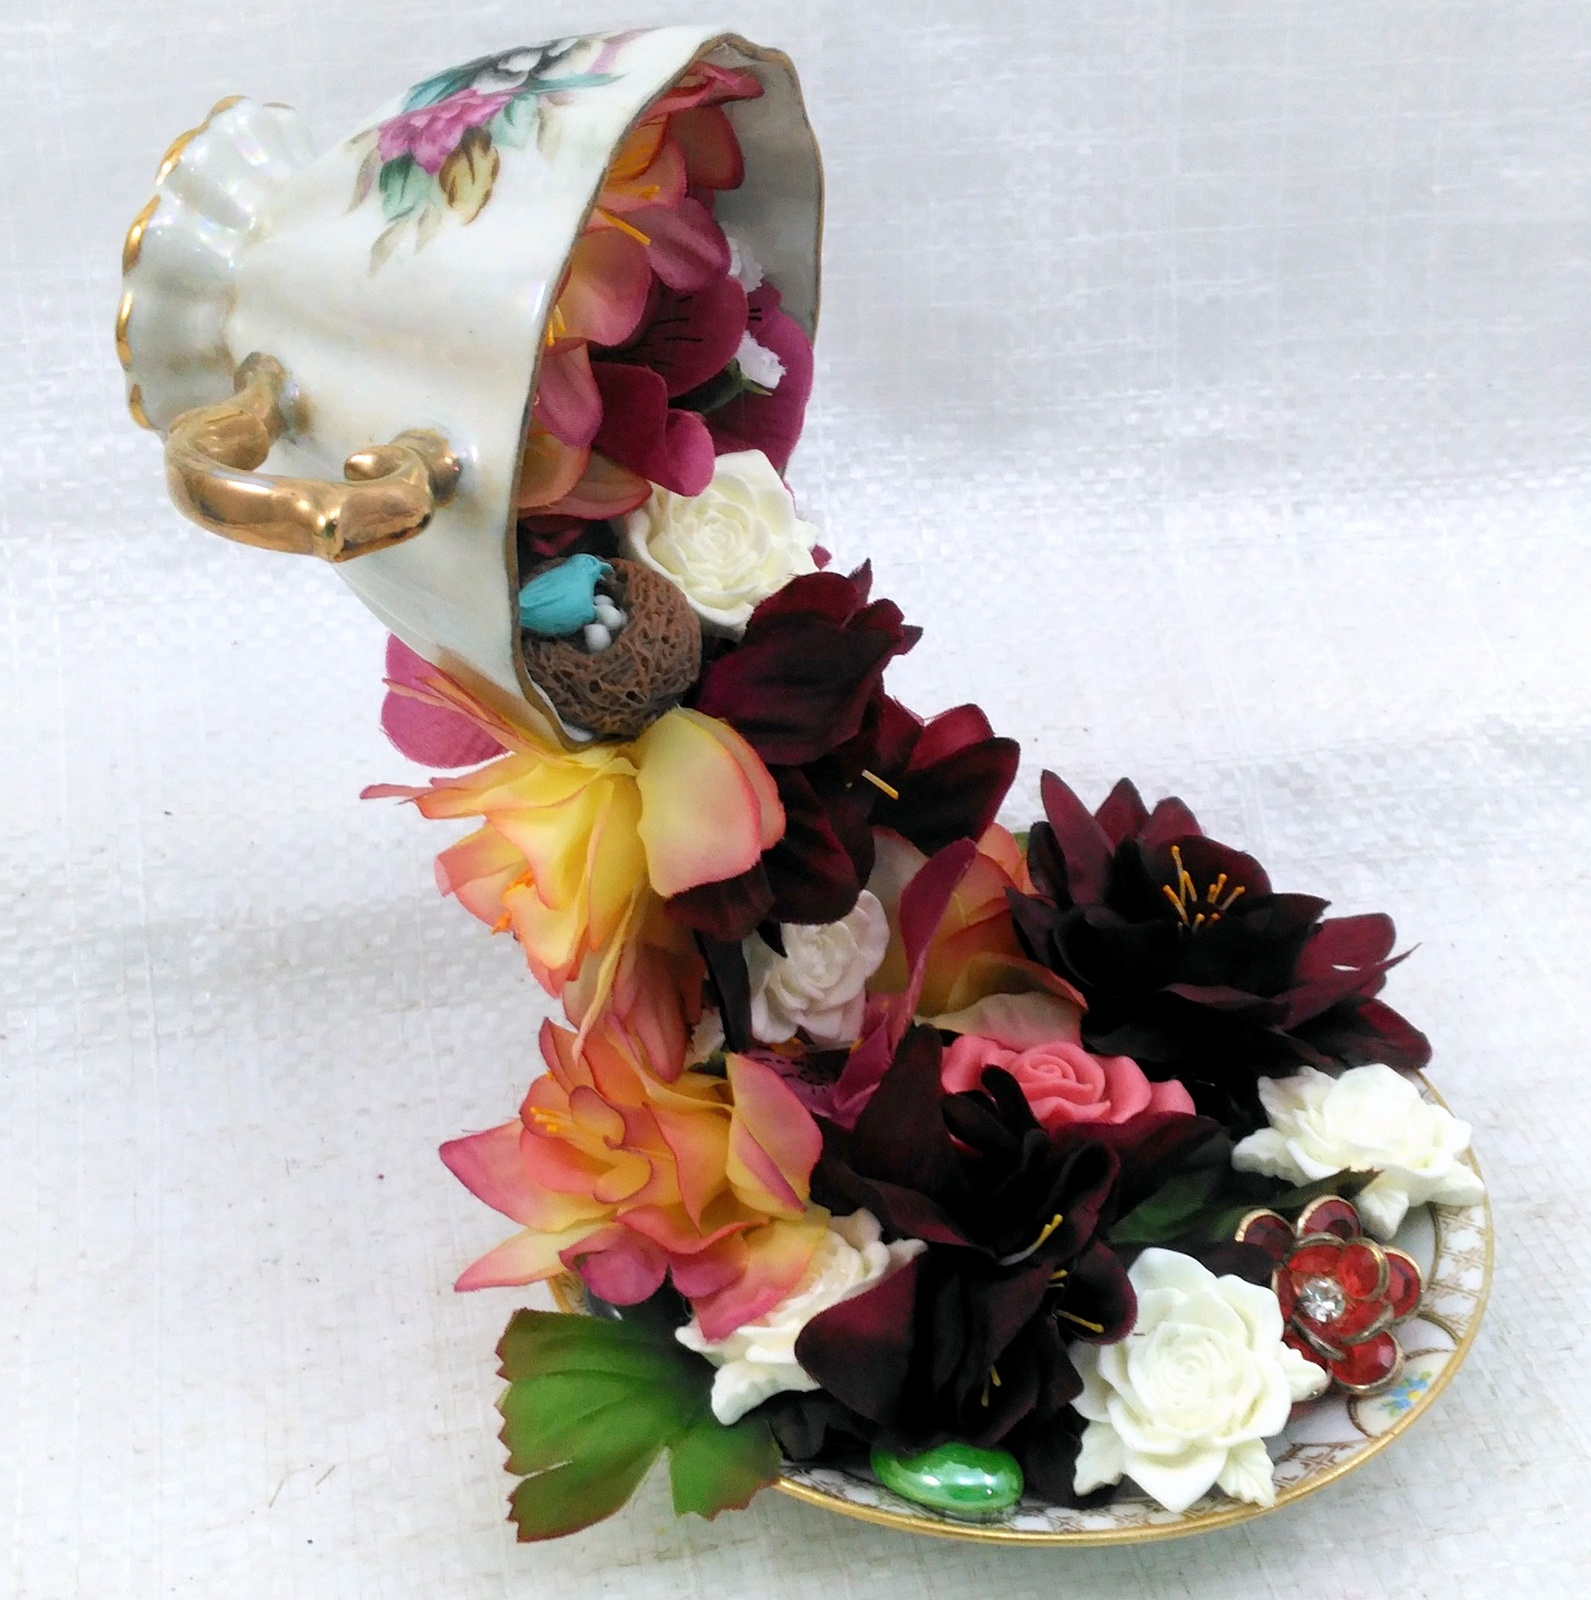 Floating Tea Cup Handmade with Love by Deboriah